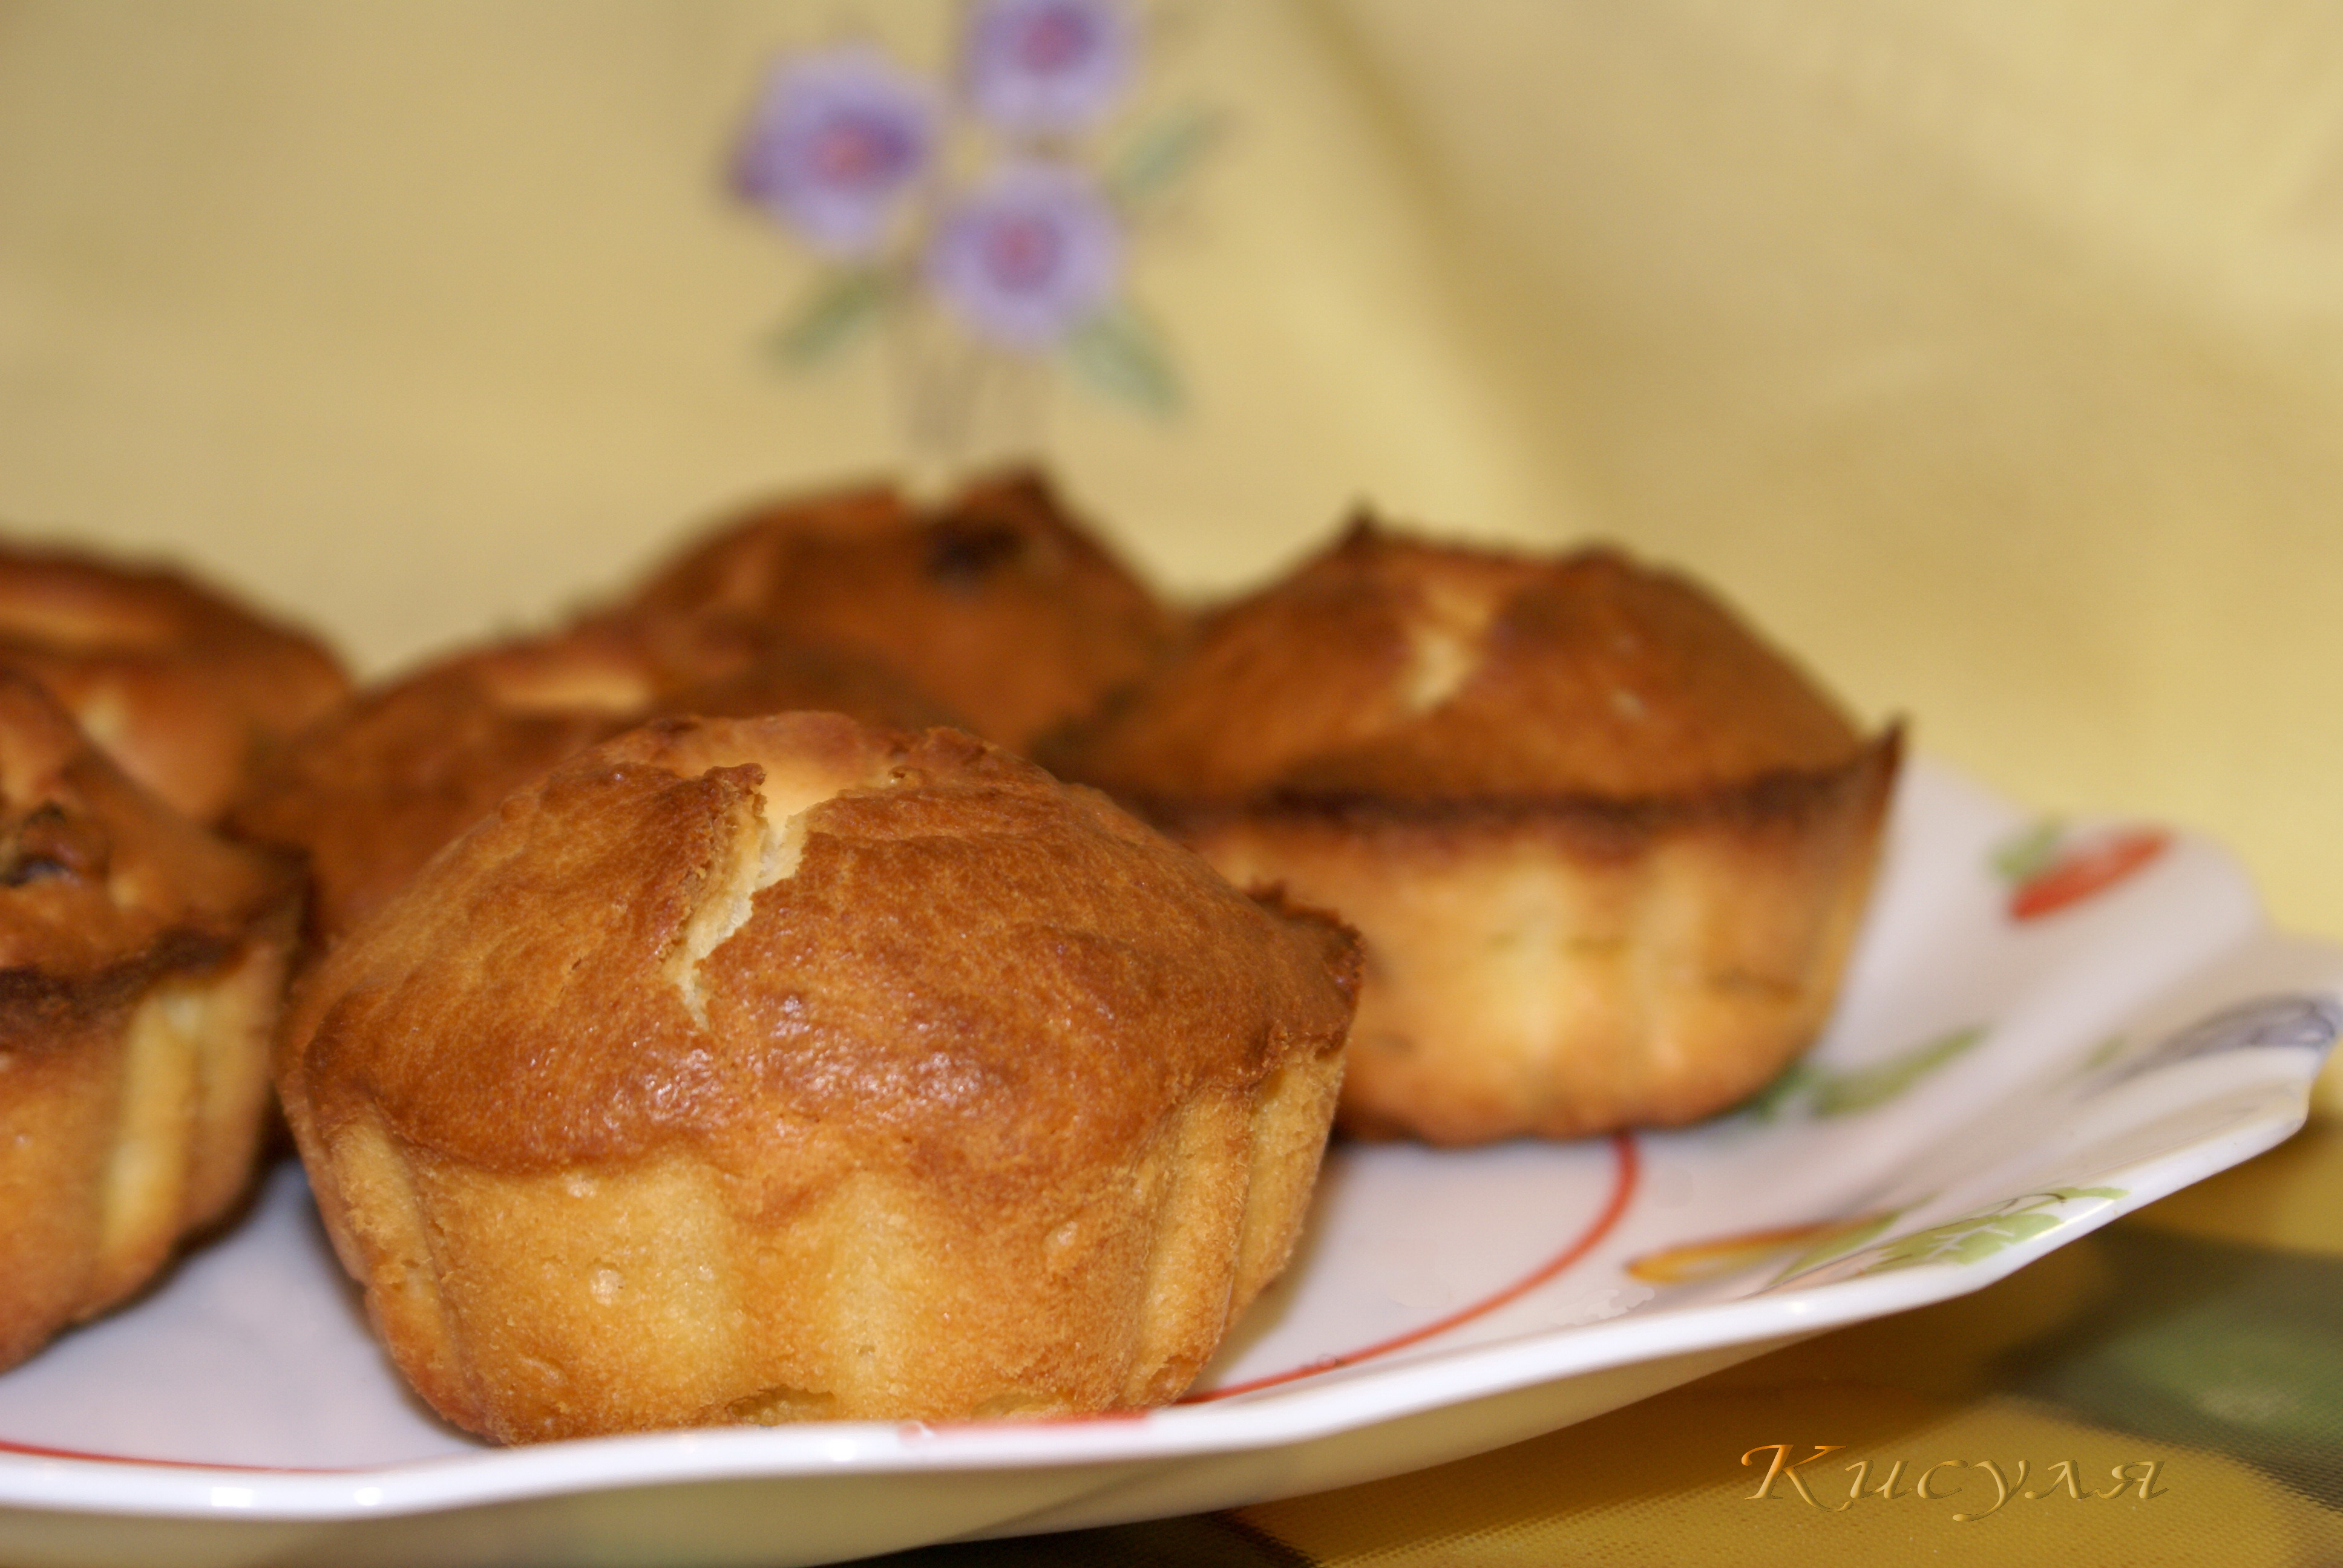 Рецепт кекса с изюмом в формочках духовке